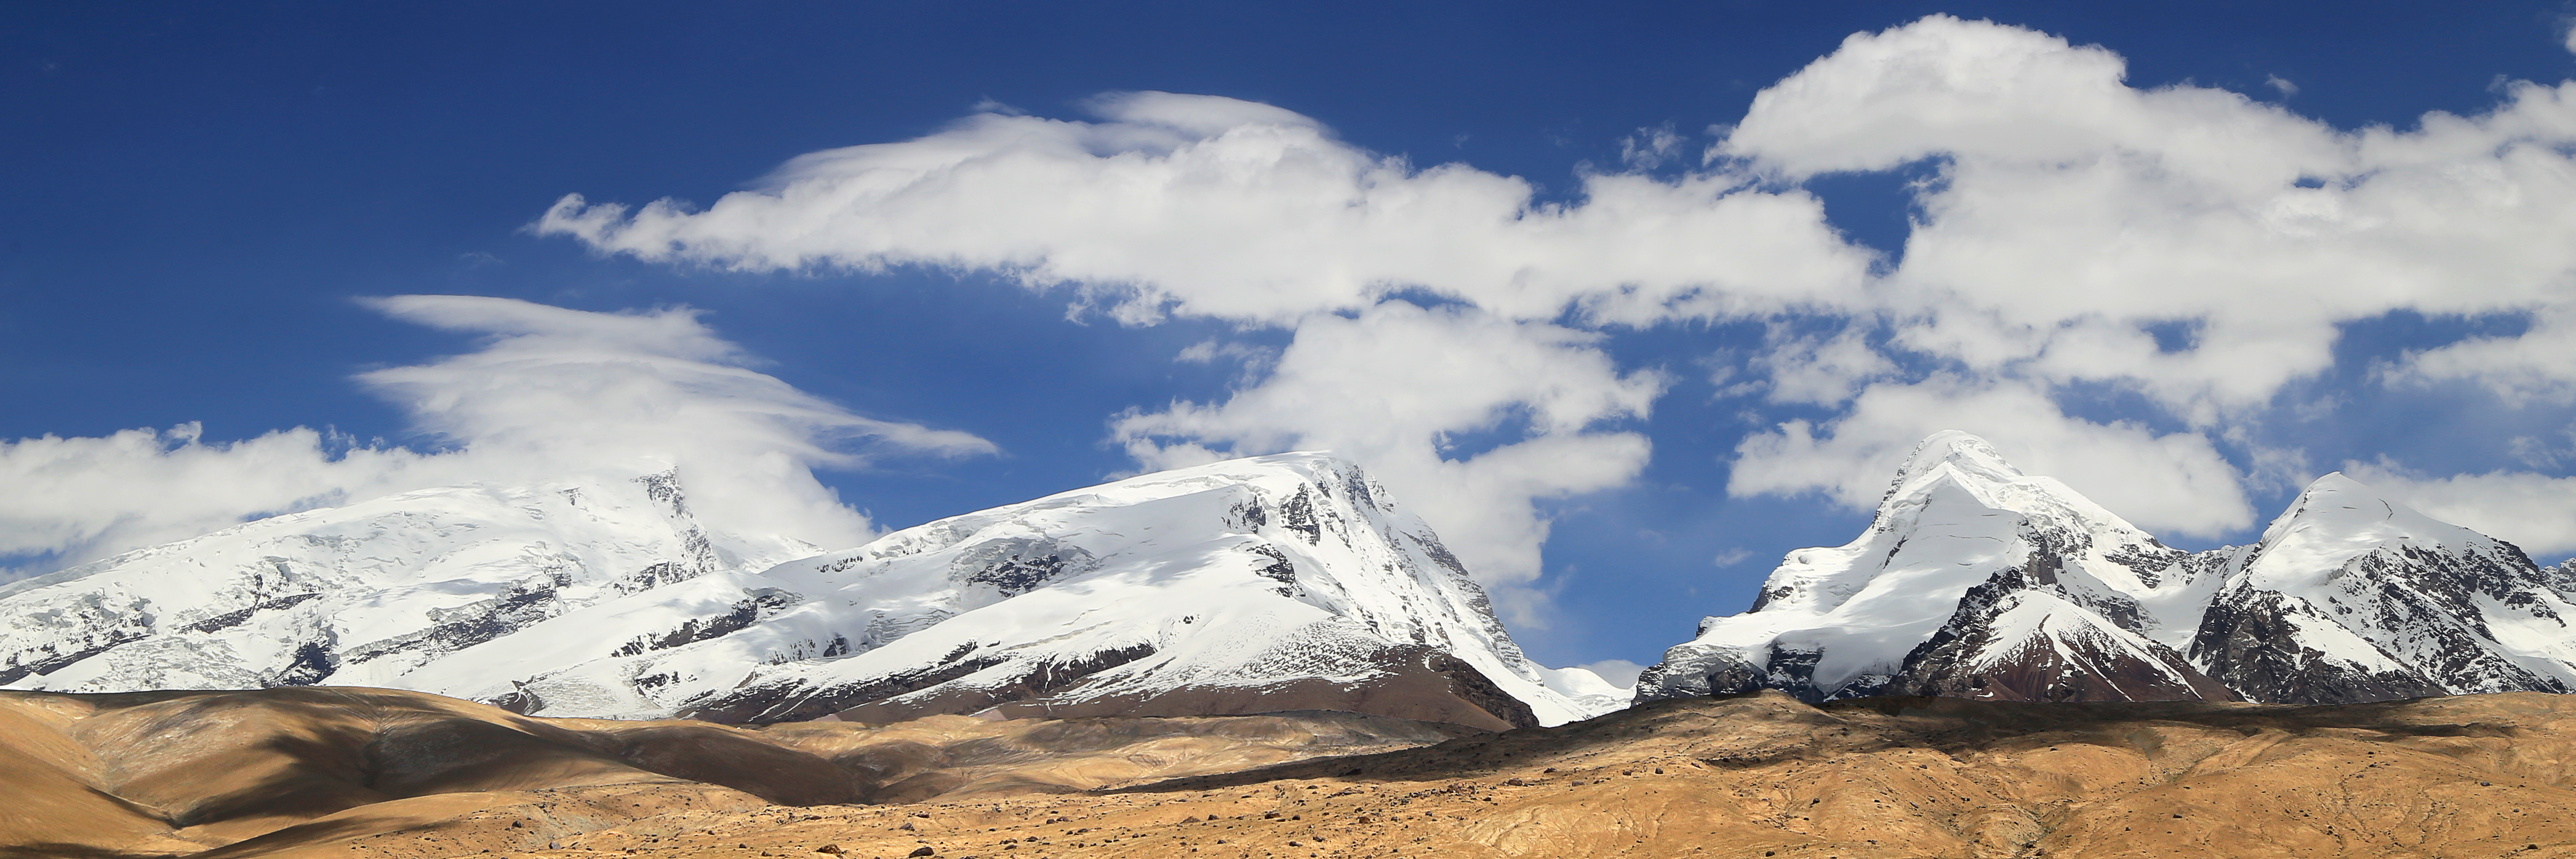 自驾从泰山-喀什-塔县-独库-伊昭-赛湖11477公里十五